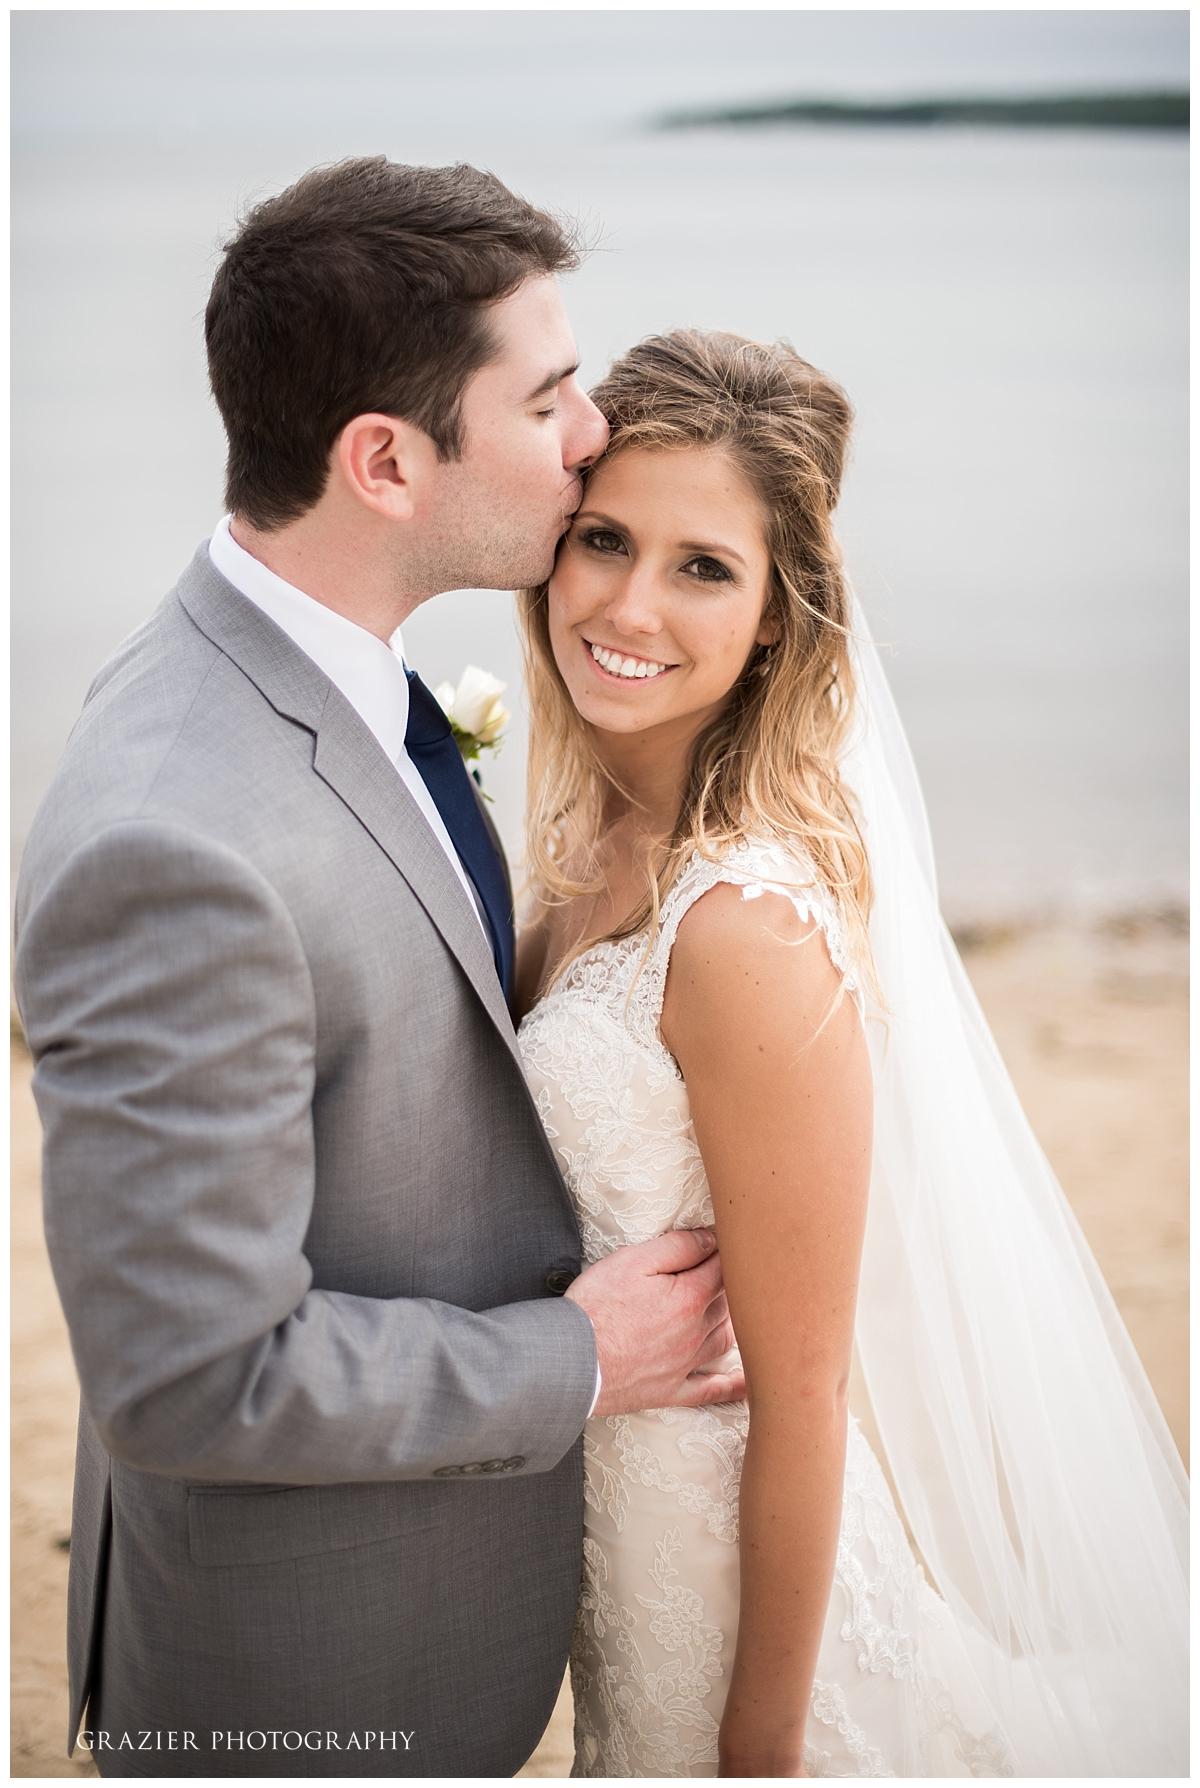 Beauport Hotel Wedding Grazier Photography 2017-56_WEB.jpg